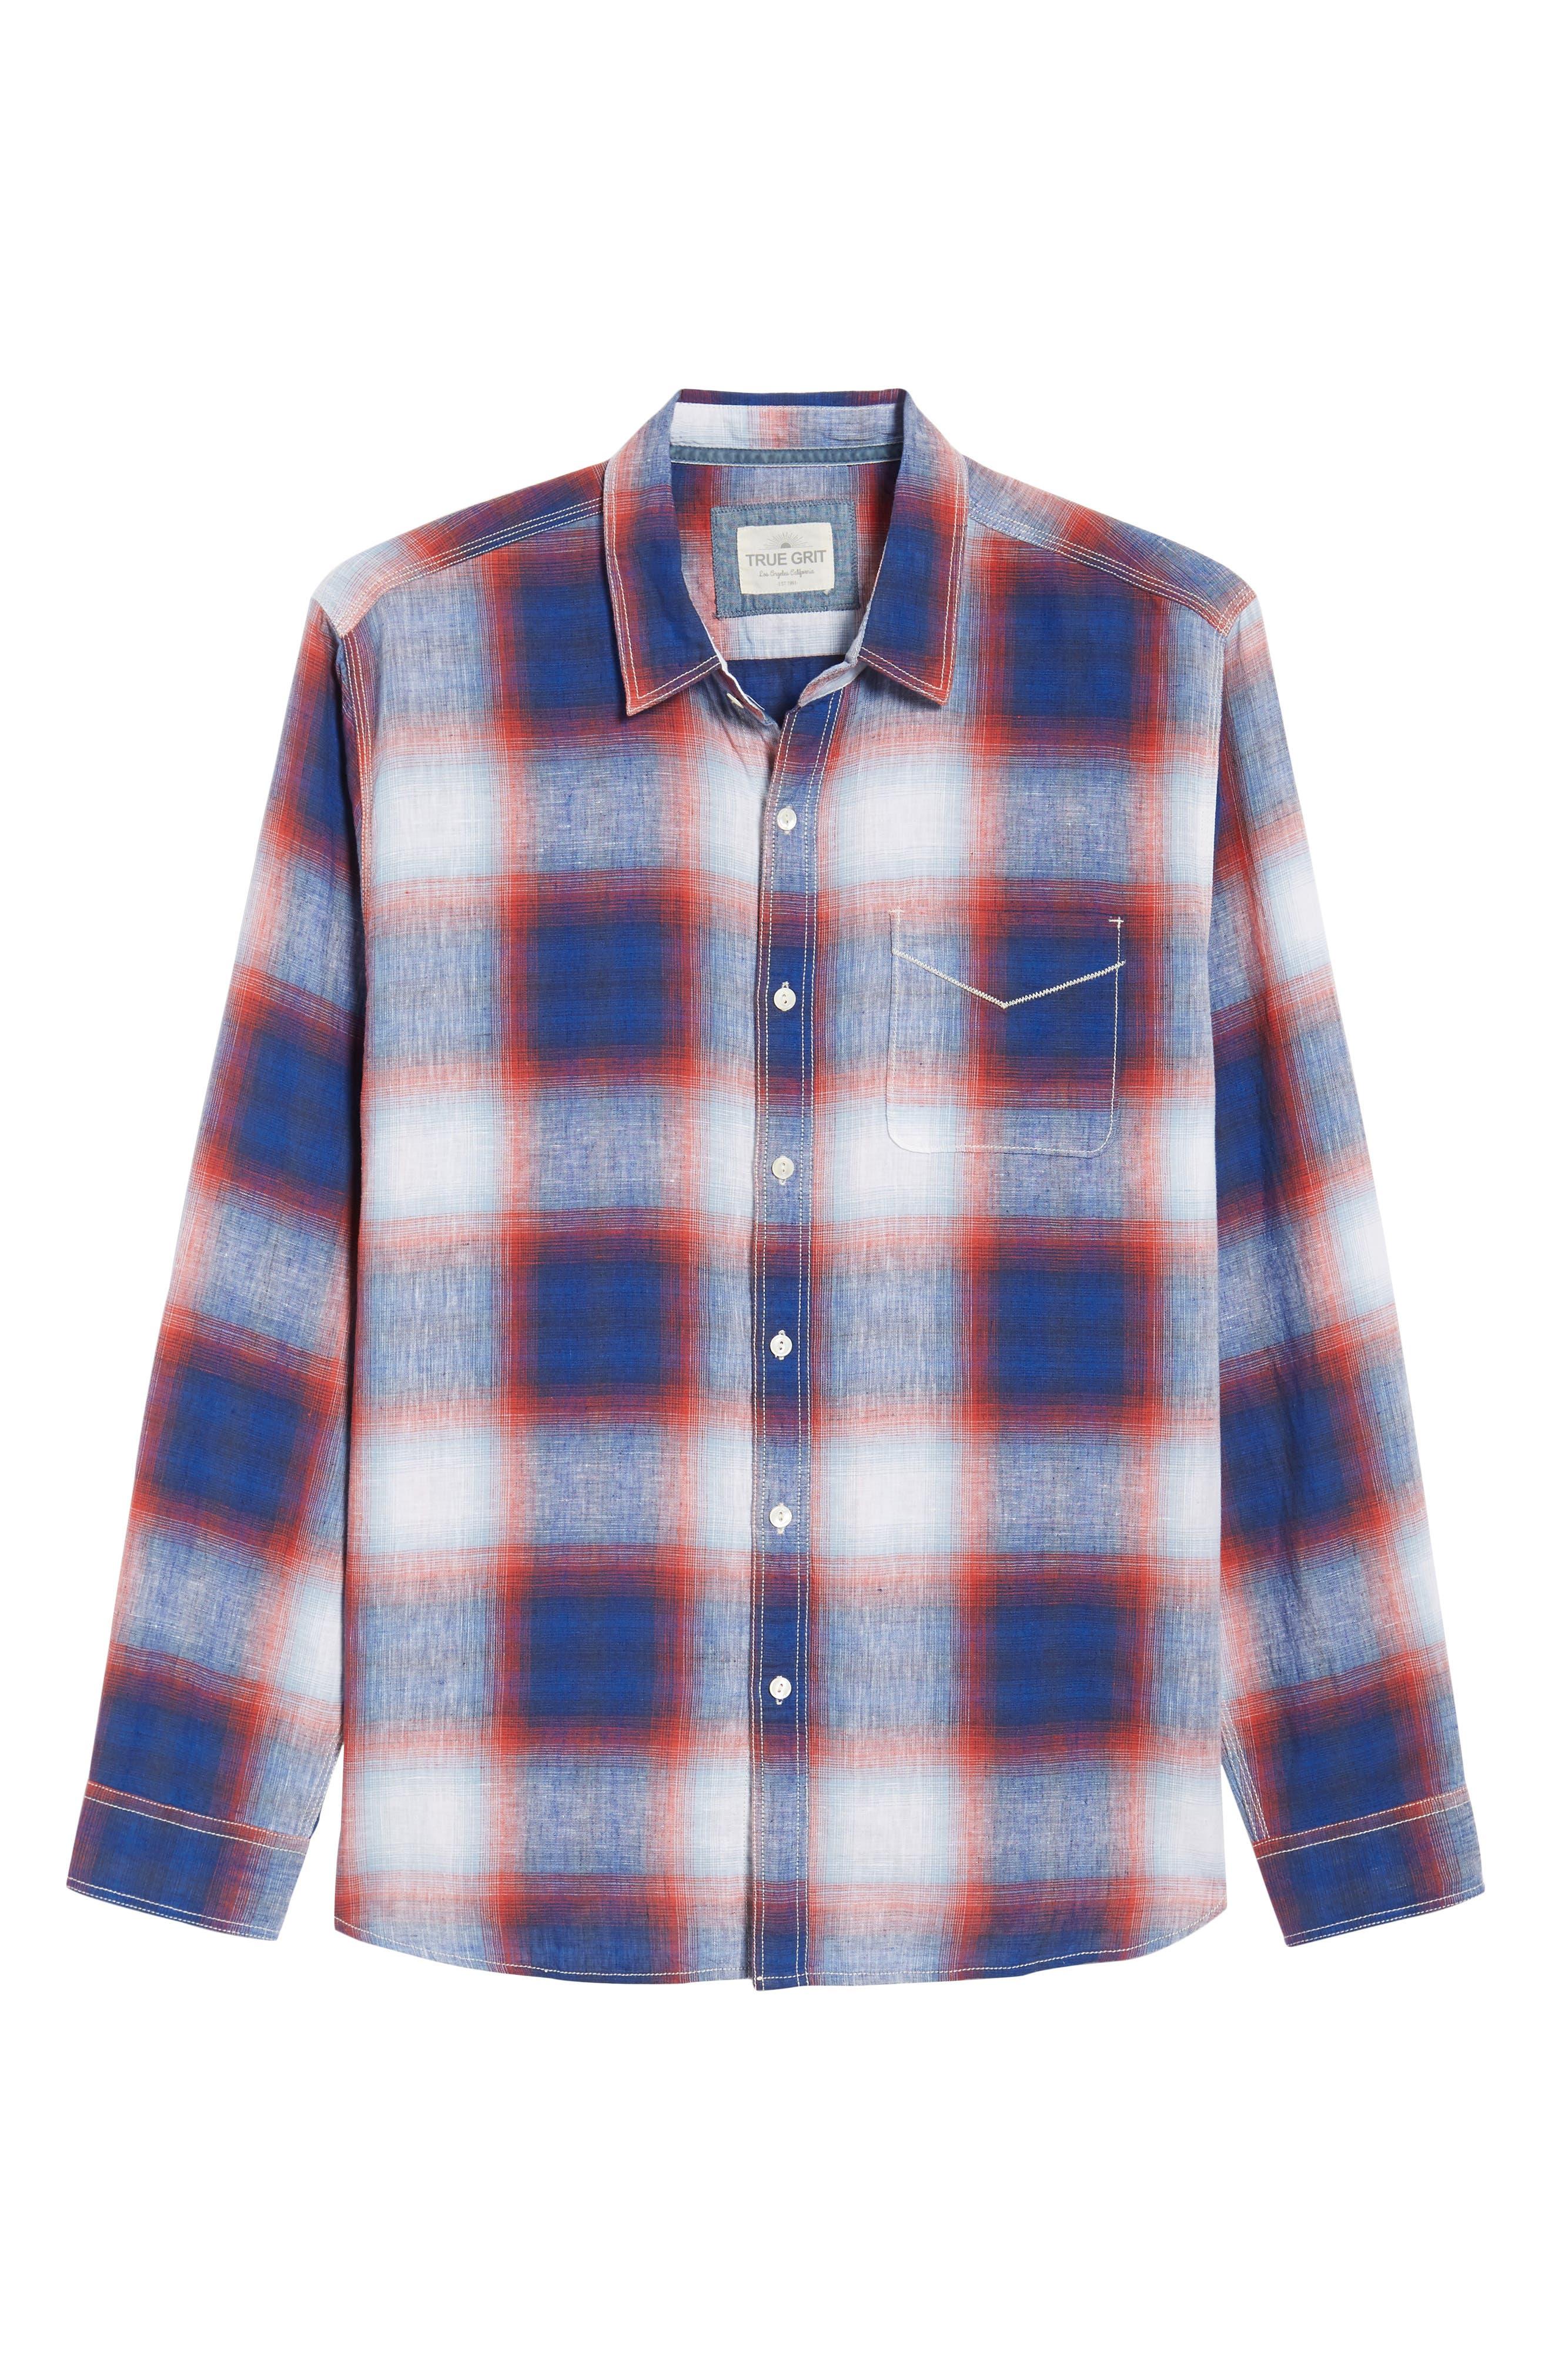 TRUE GRIT,                             Salt Creek Classic Fit Sport Shirt,                             Alternate thumbnail 6, color,                             600